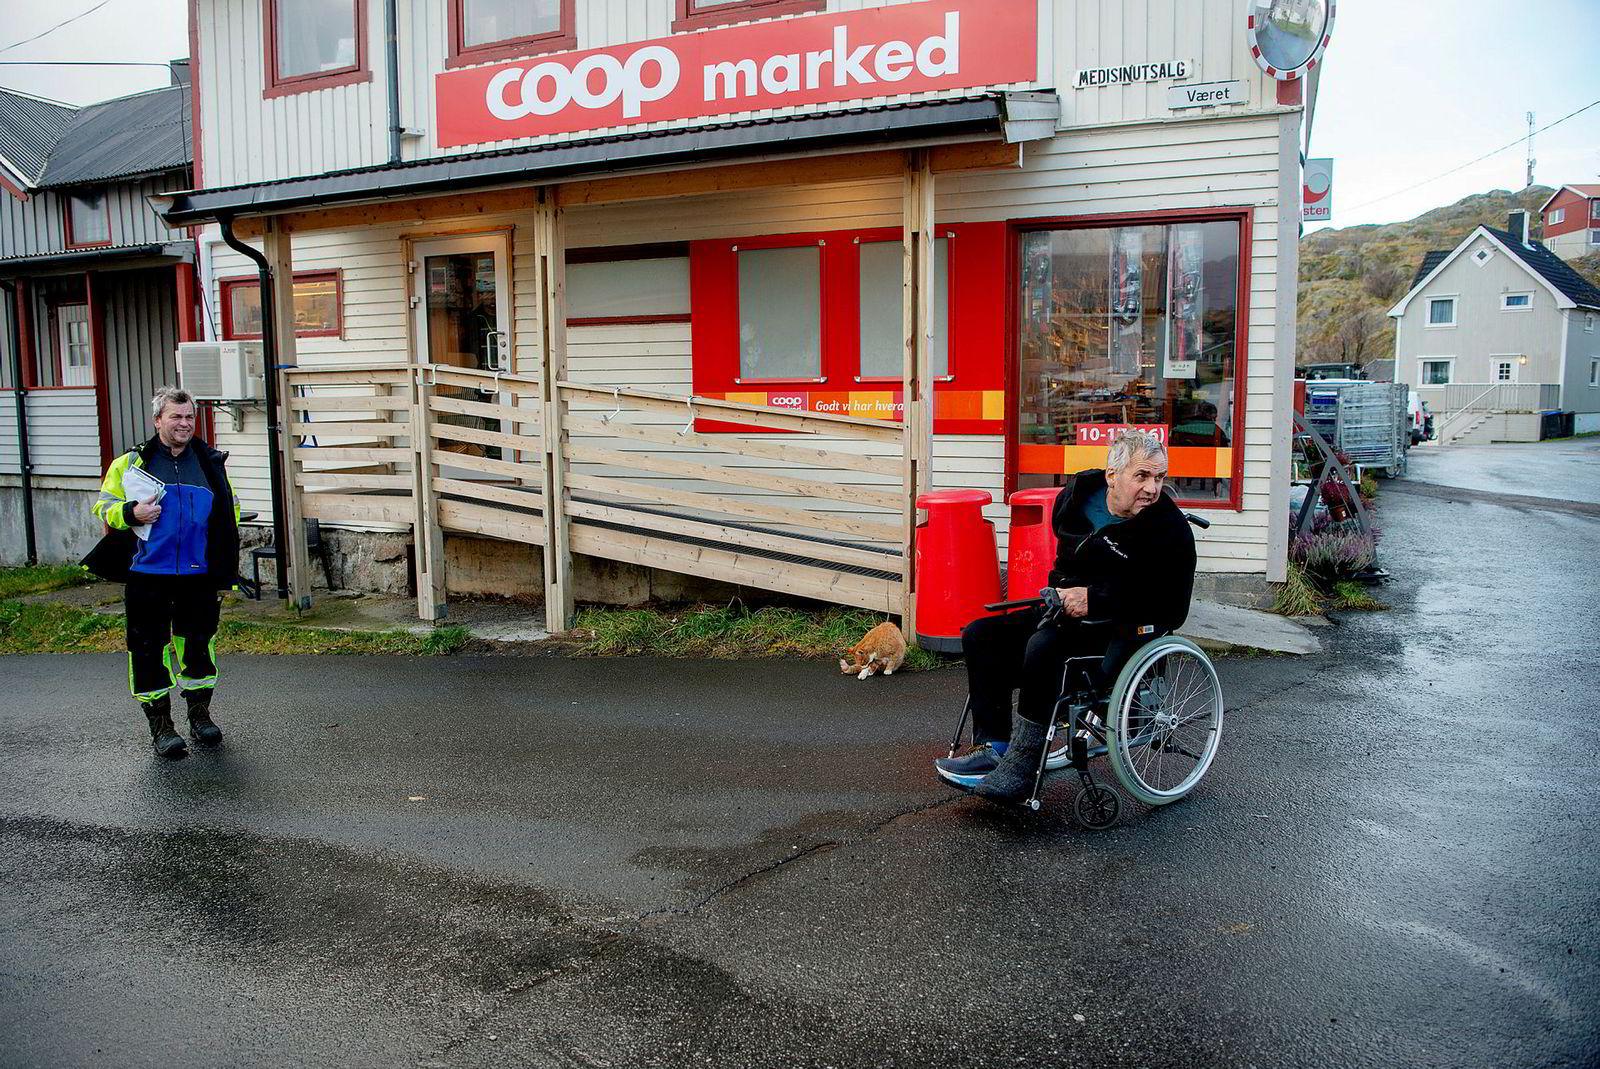 På kaffehjørnet ved samvirkelaget på øya Skrova i Lofoten tar Helge Rishatt (til venstre) og broren Børge Rishatt en pause i arbeidet. Begge har jobbet en mannsalder på Ellingsen Seafood, og får 100.000 kroner hver i julebonus i år.